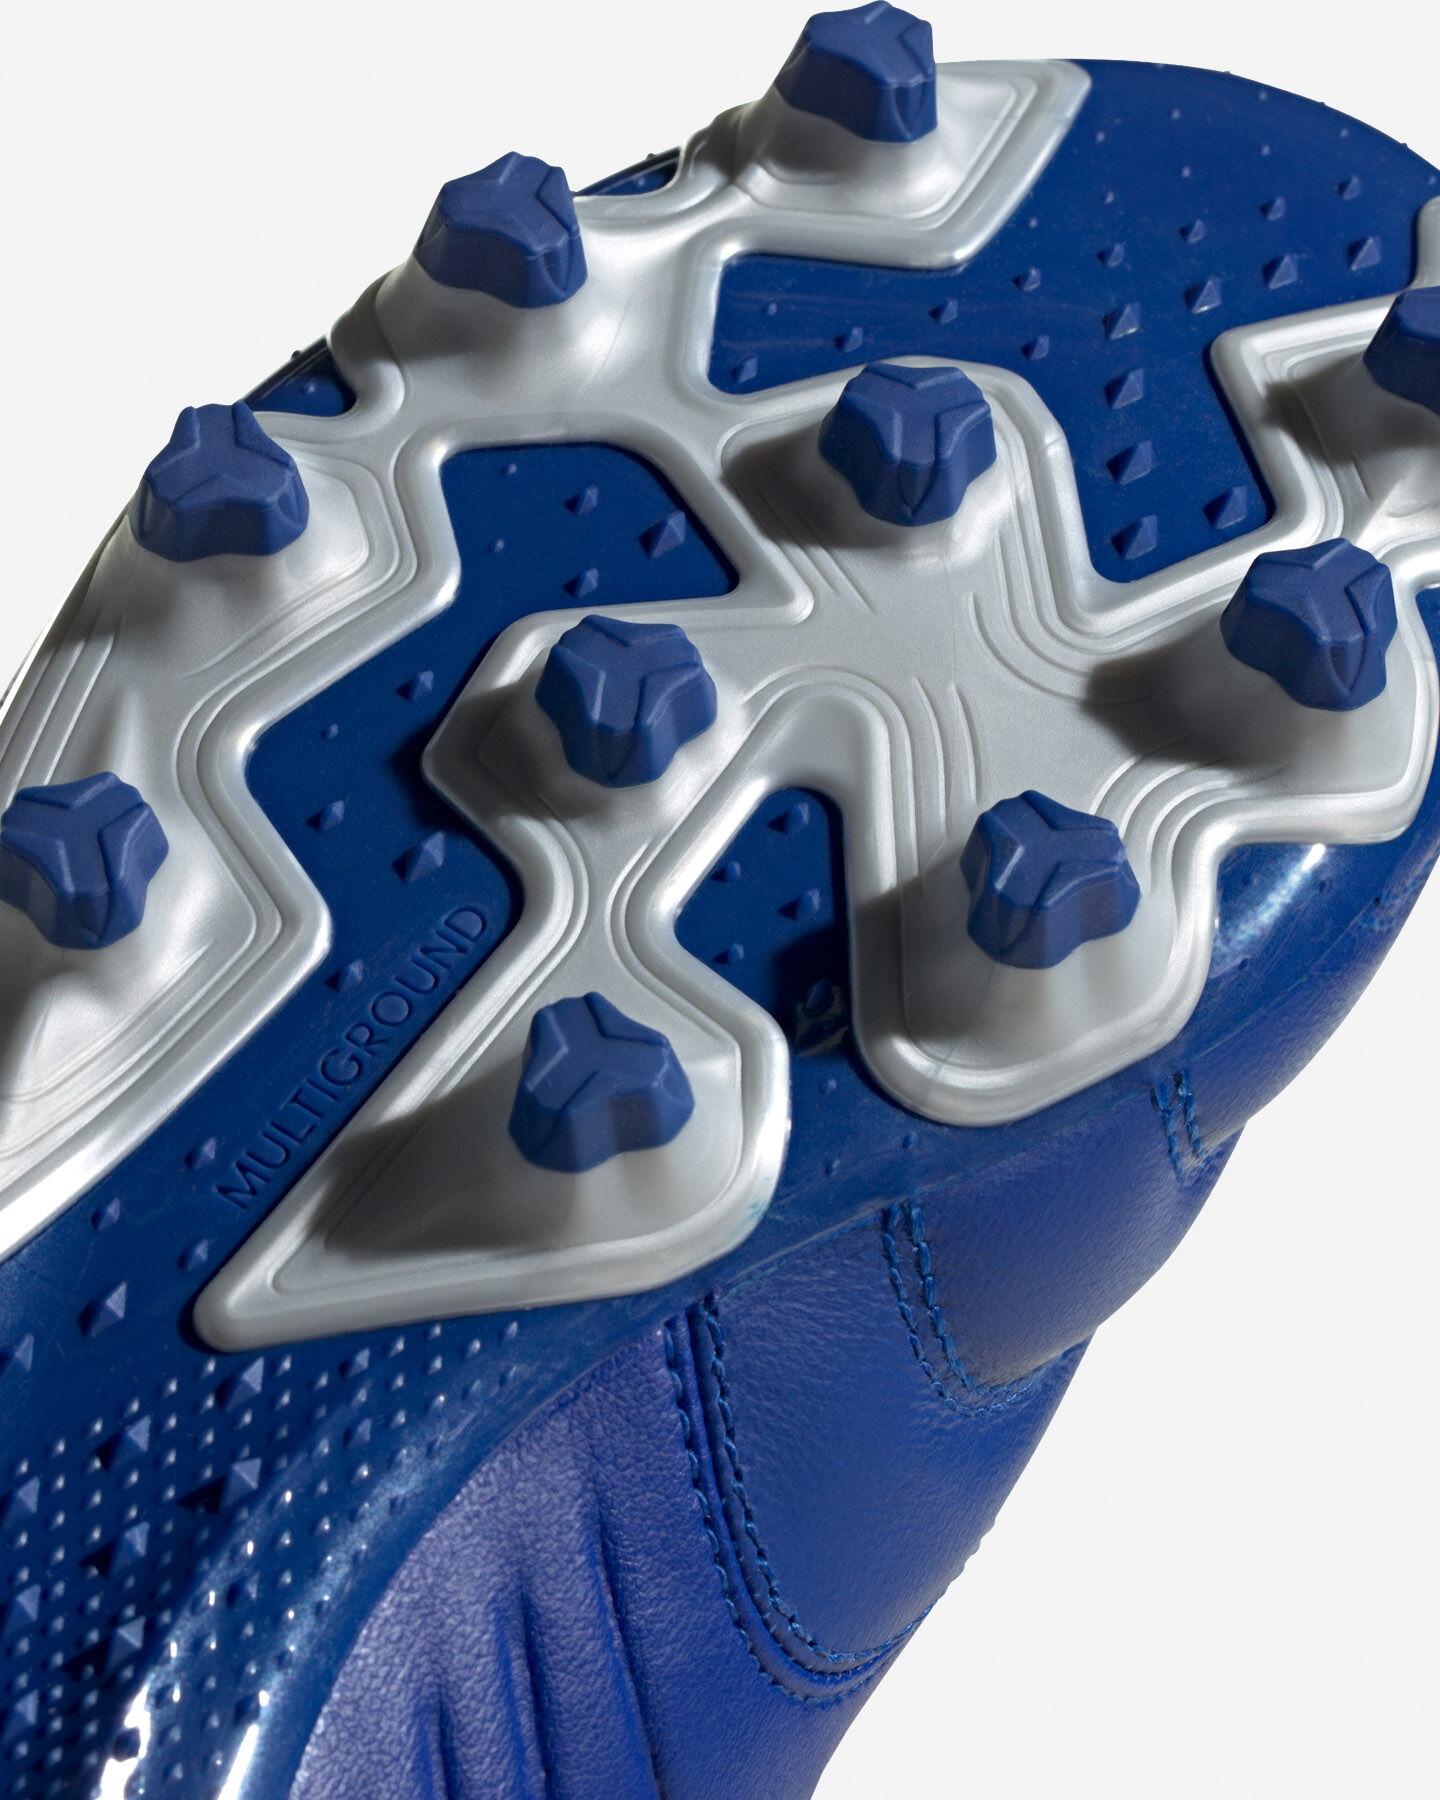 Scarpe calcio ADIDAS COPA 20.3 MGM S5217117 scatto 3